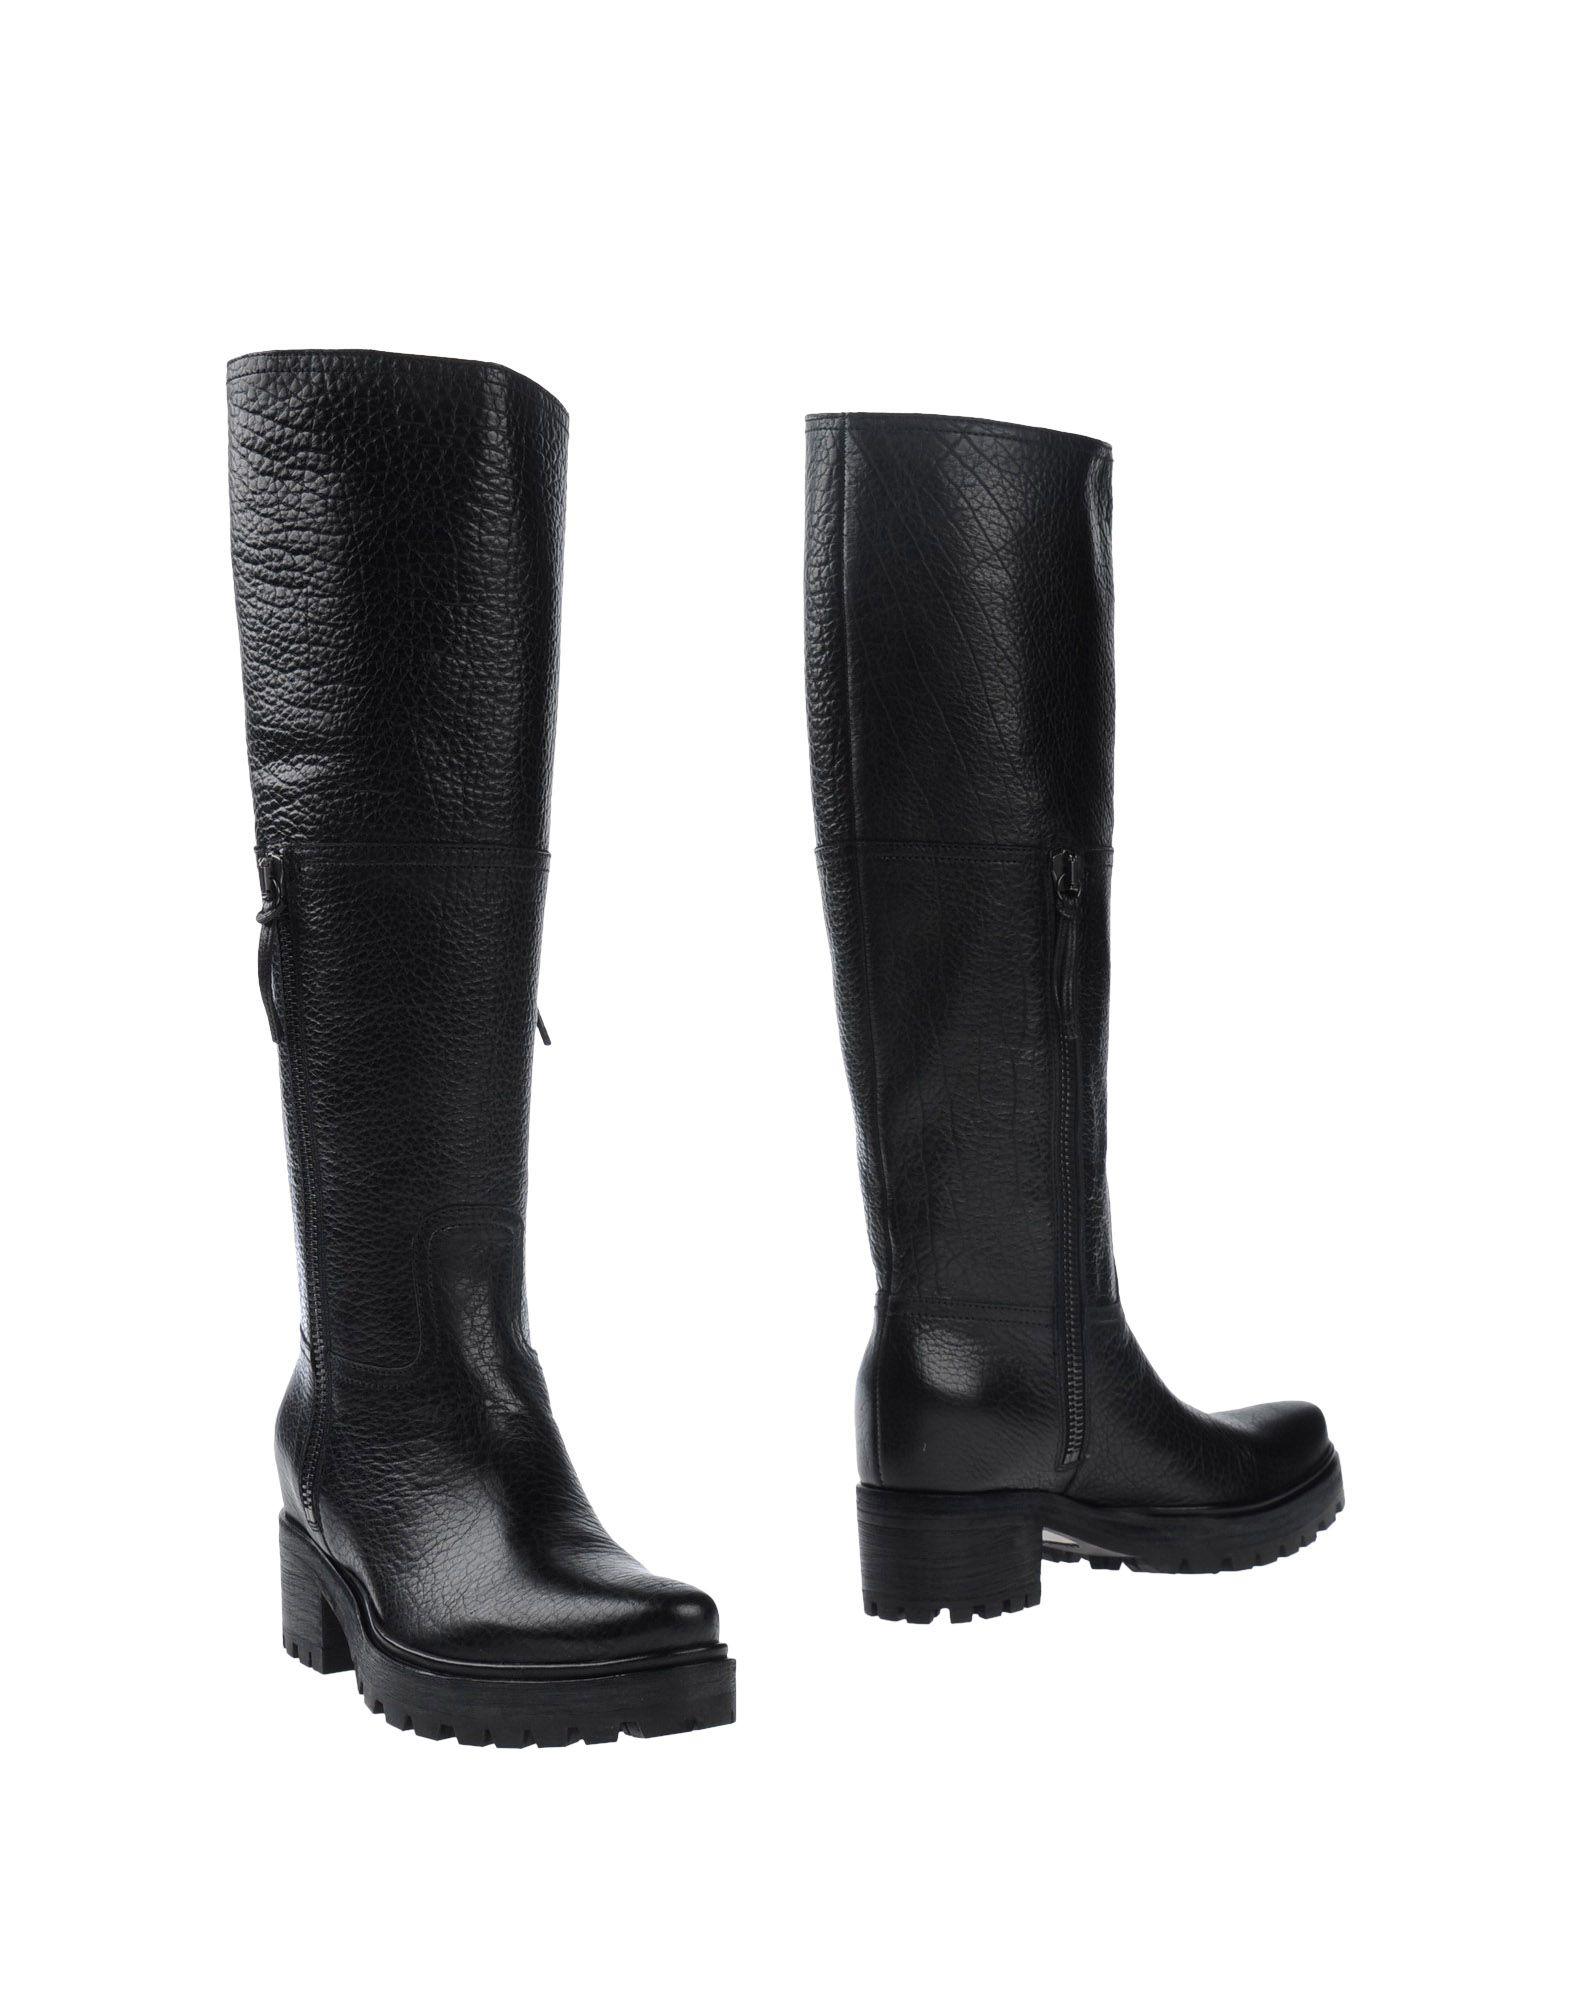 dbc147848500 Miu Miu Boots 2014